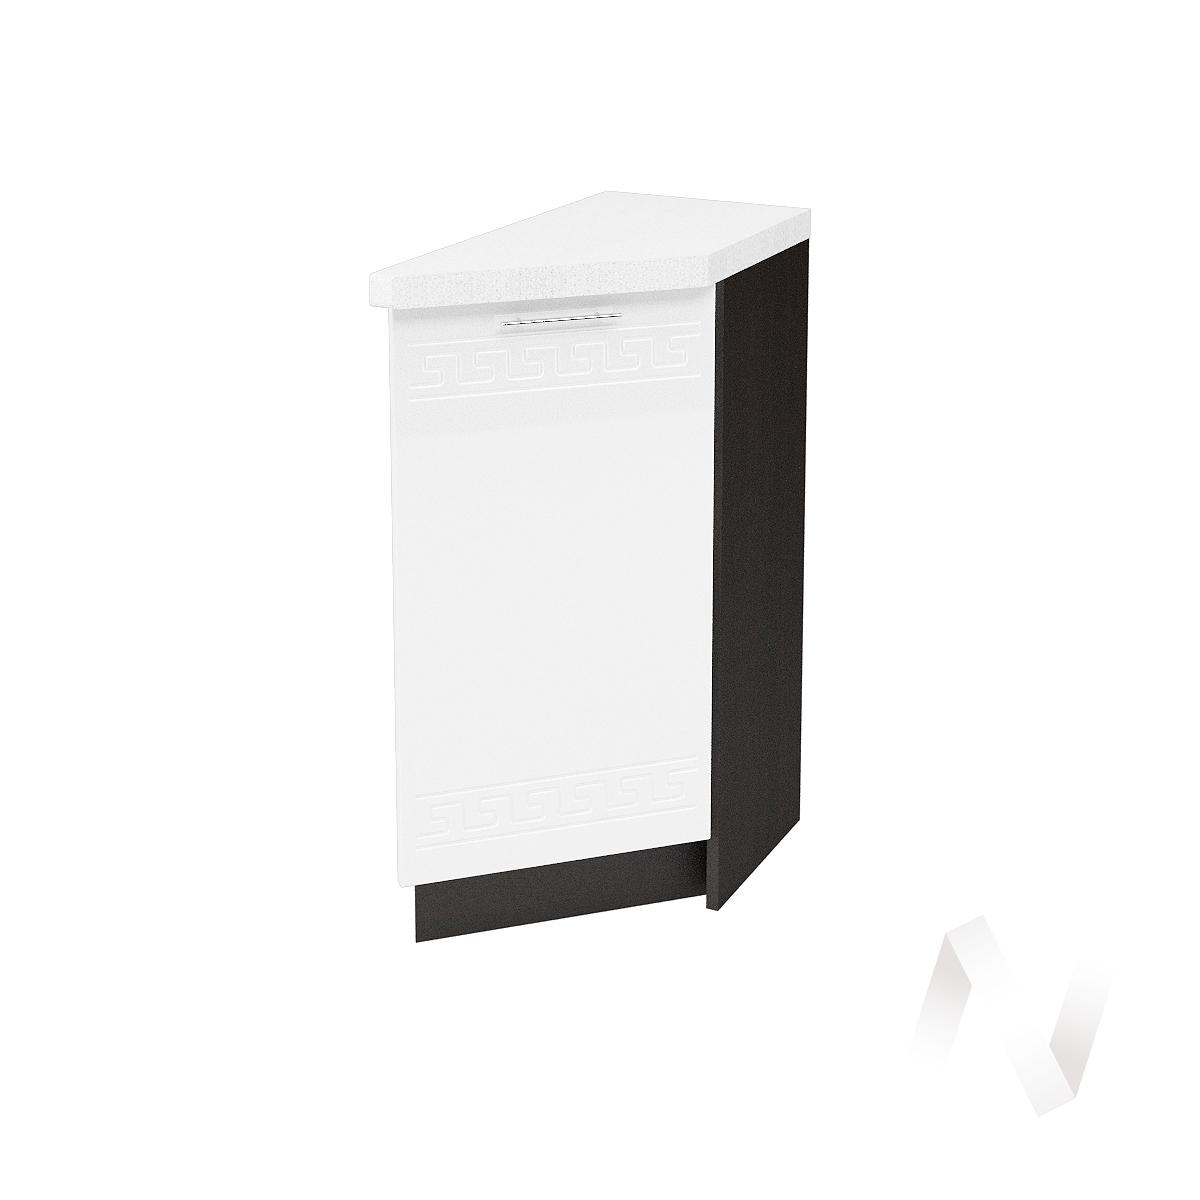 """Кухня """"Греция"""": Шкаф нижний торцевой 300, ШНТ 300 (белый металлик/корпус венге)"""